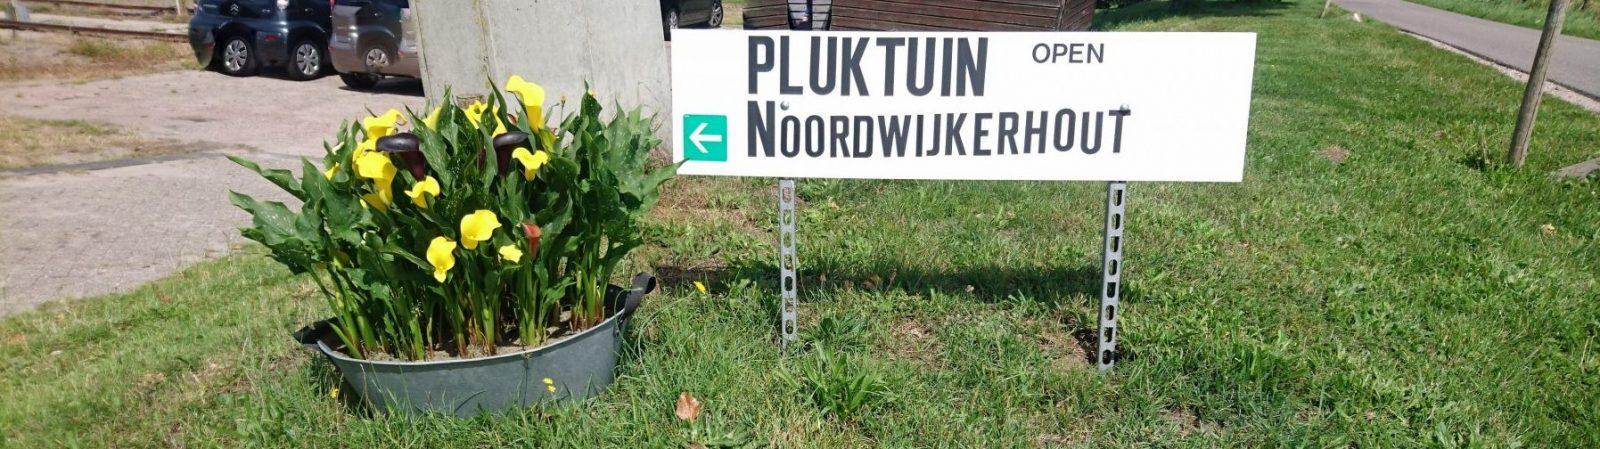 Pluktuin Noordwijkerhout